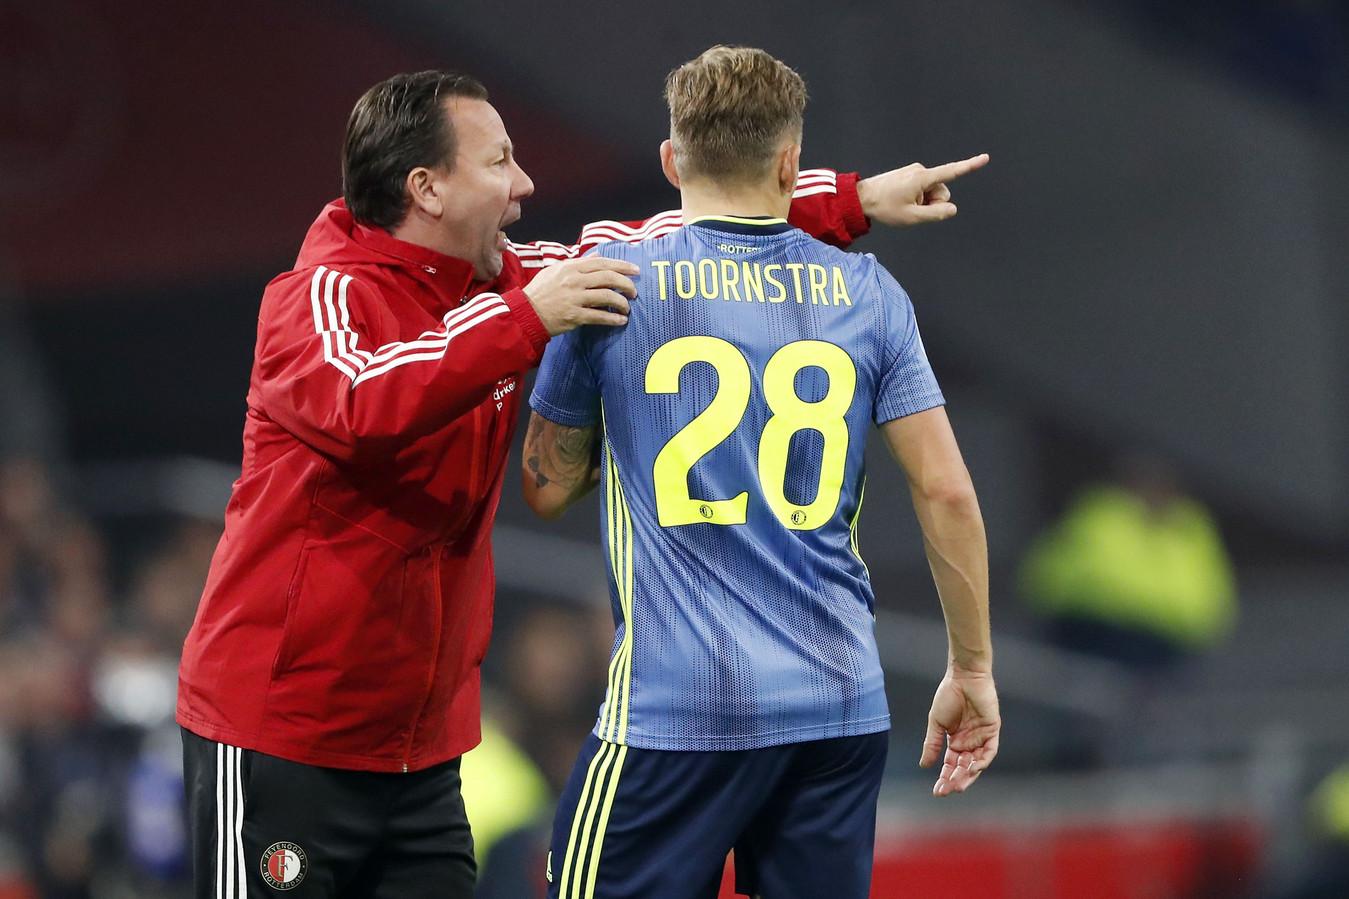 Jean-Paul van Gastel is een van de assistenten die het veld moet ruimen bij Feyenoord.